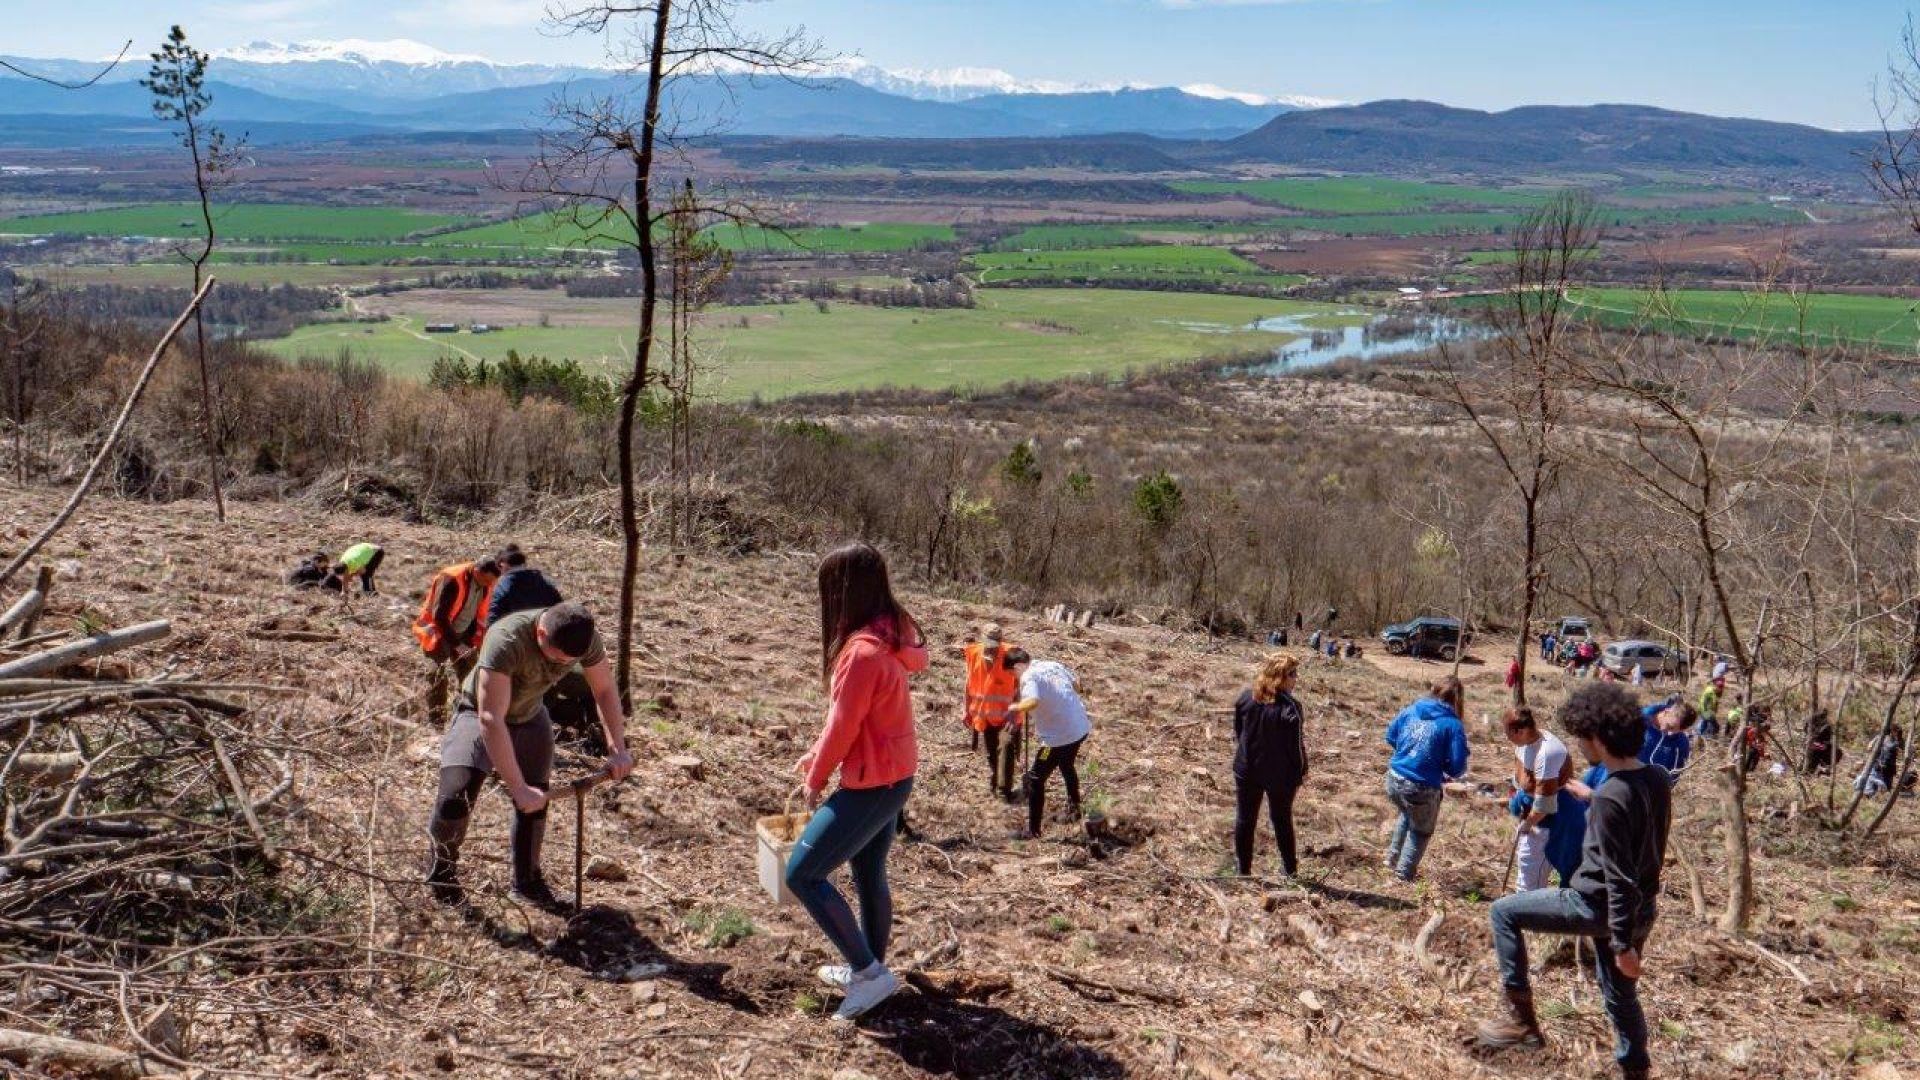 """14 000 дръвчета бяха засадени край Севлиево в кампанията """"Засади дърво, създай бъдеще"""""""